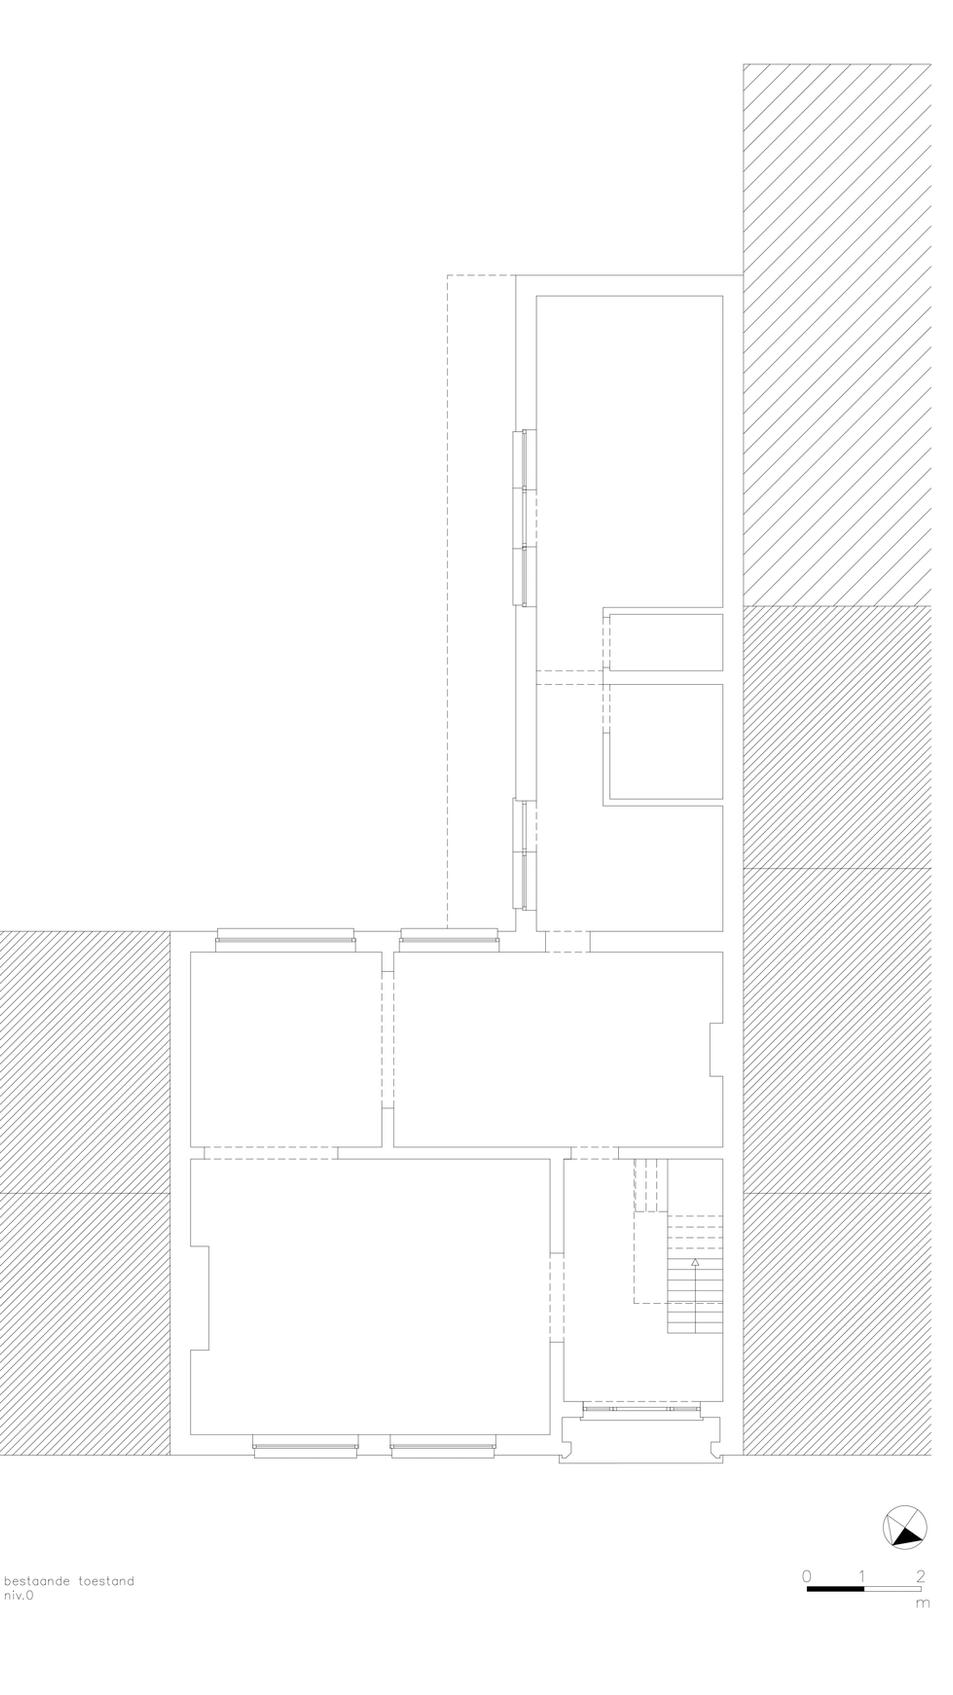 KG19_BT_grondplan.png